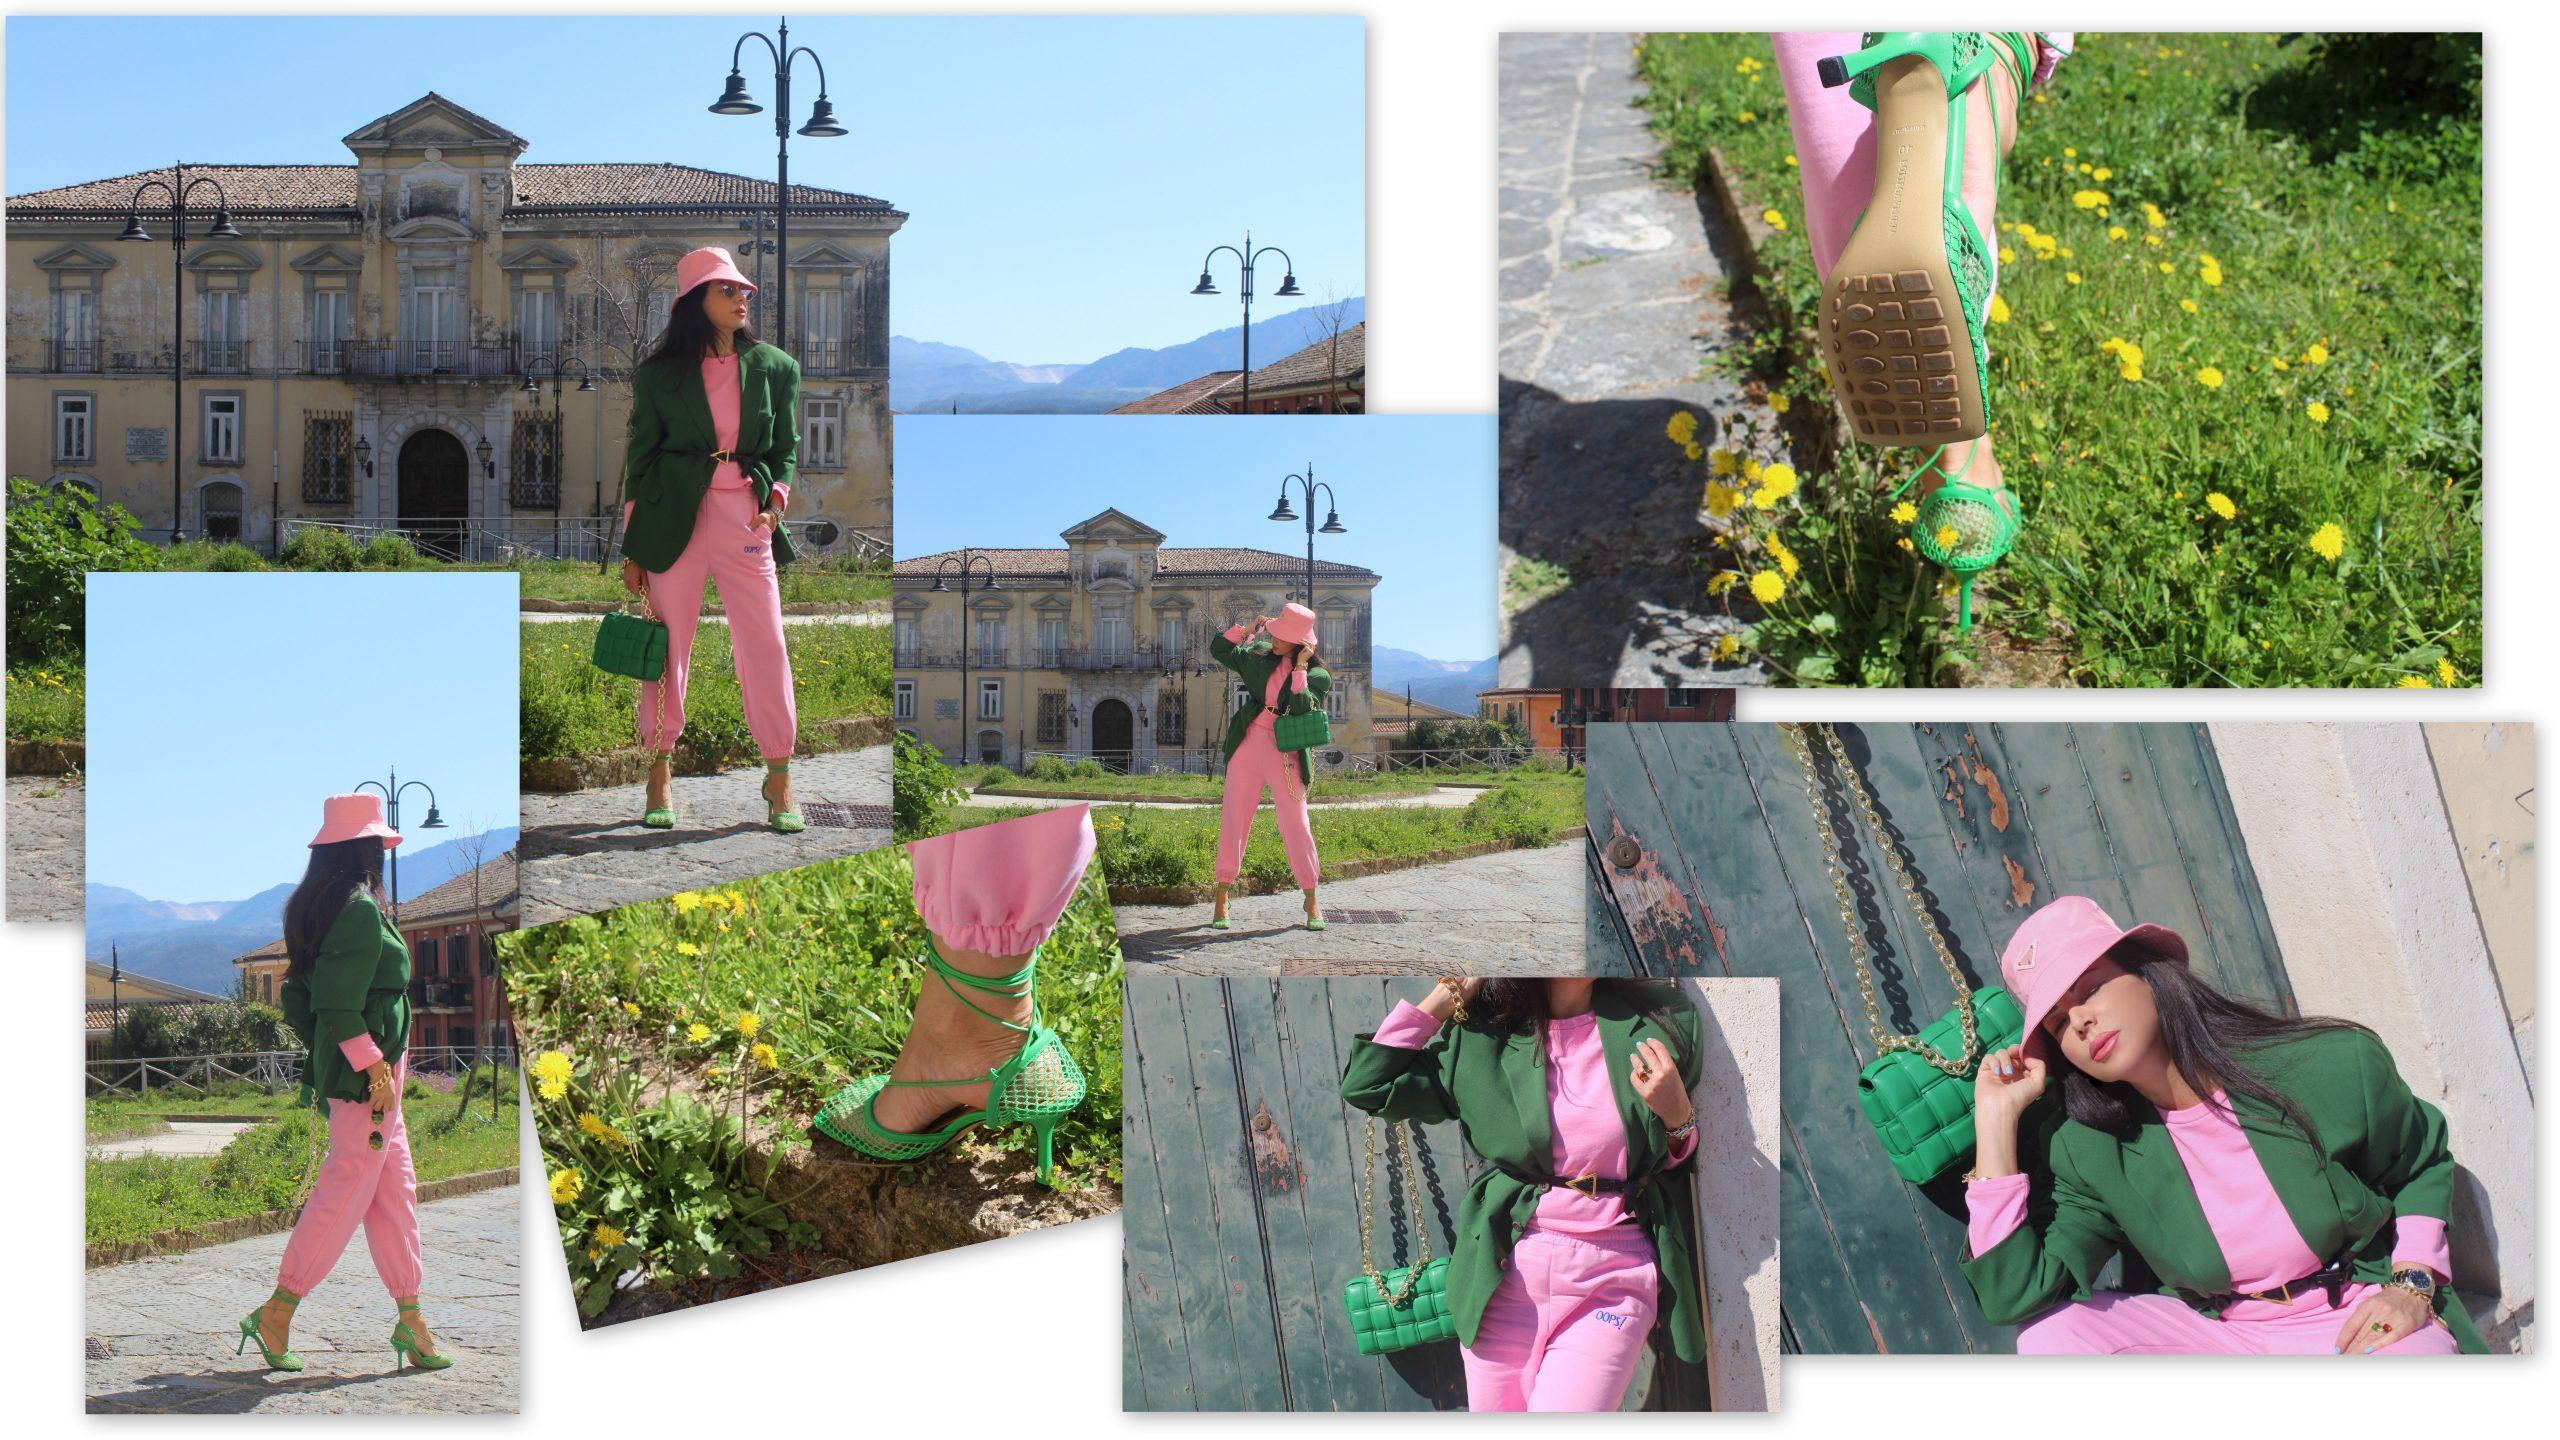 Baby pink and dark green color block spring Prada Shoes Bottega Veneta Bag Paola Lauretano